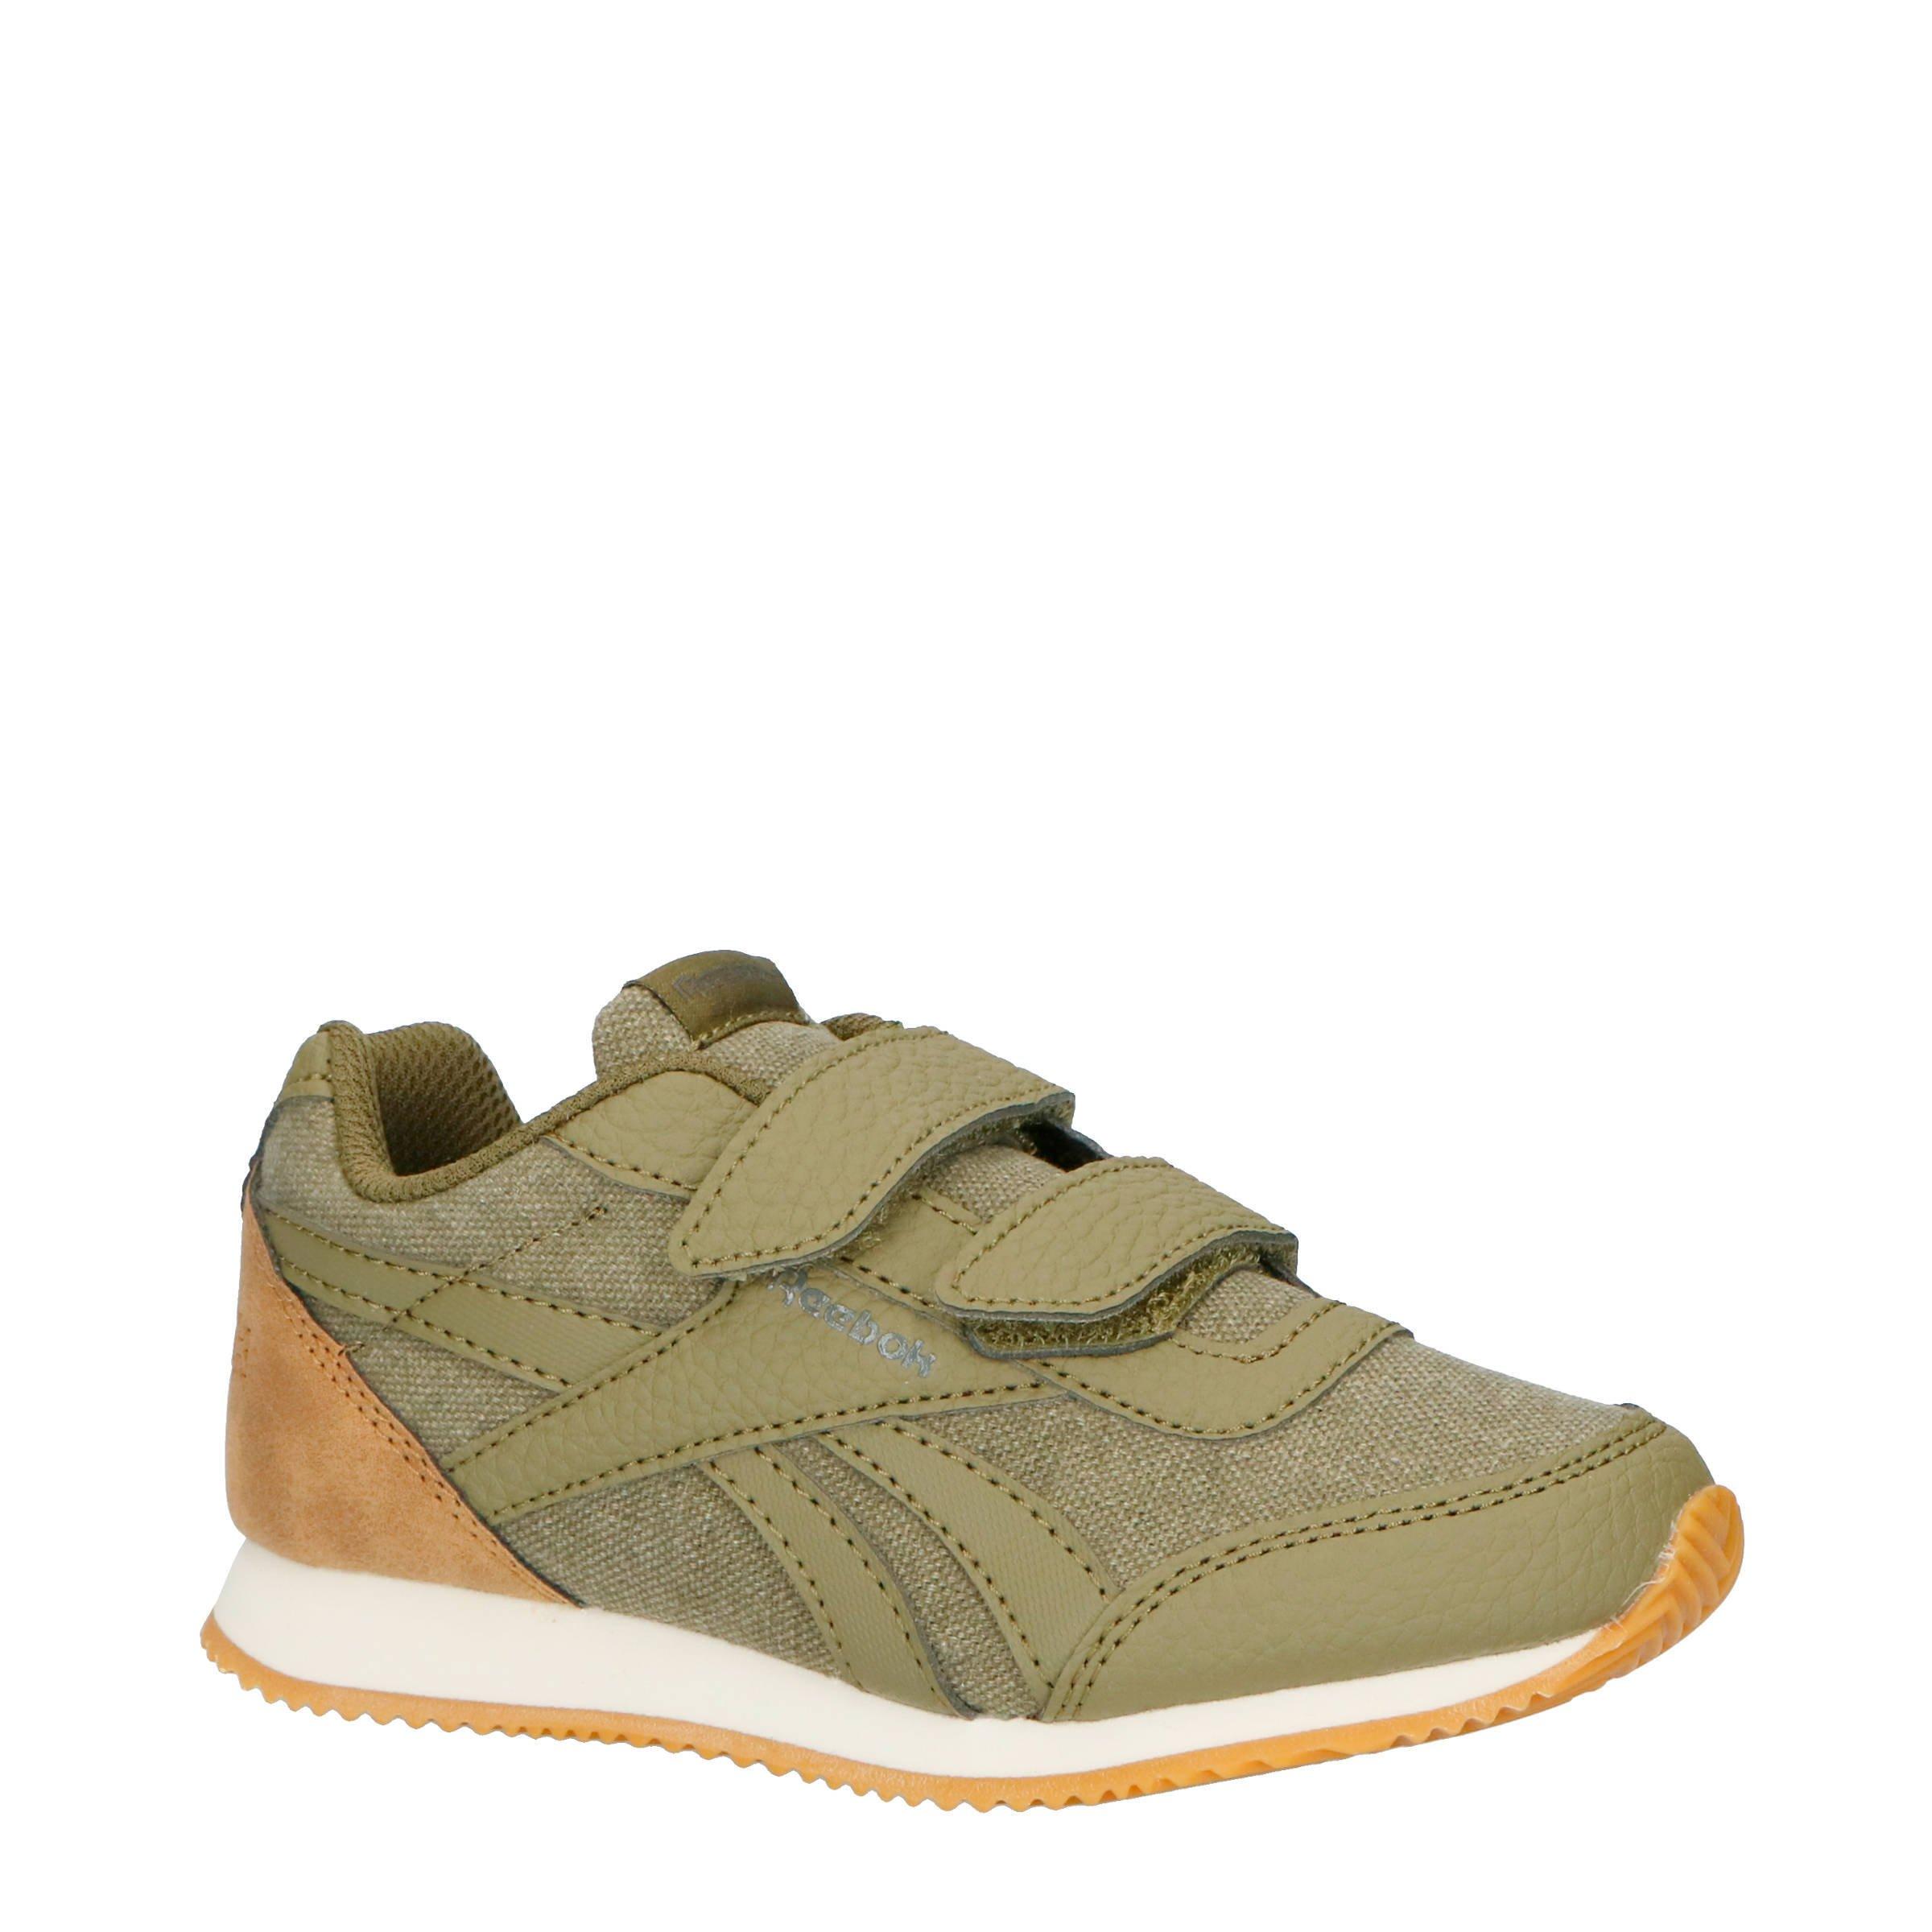 bff271b51f1 Baby schoenen bij wehkamp - Gratis bezorging vanaf 20.-